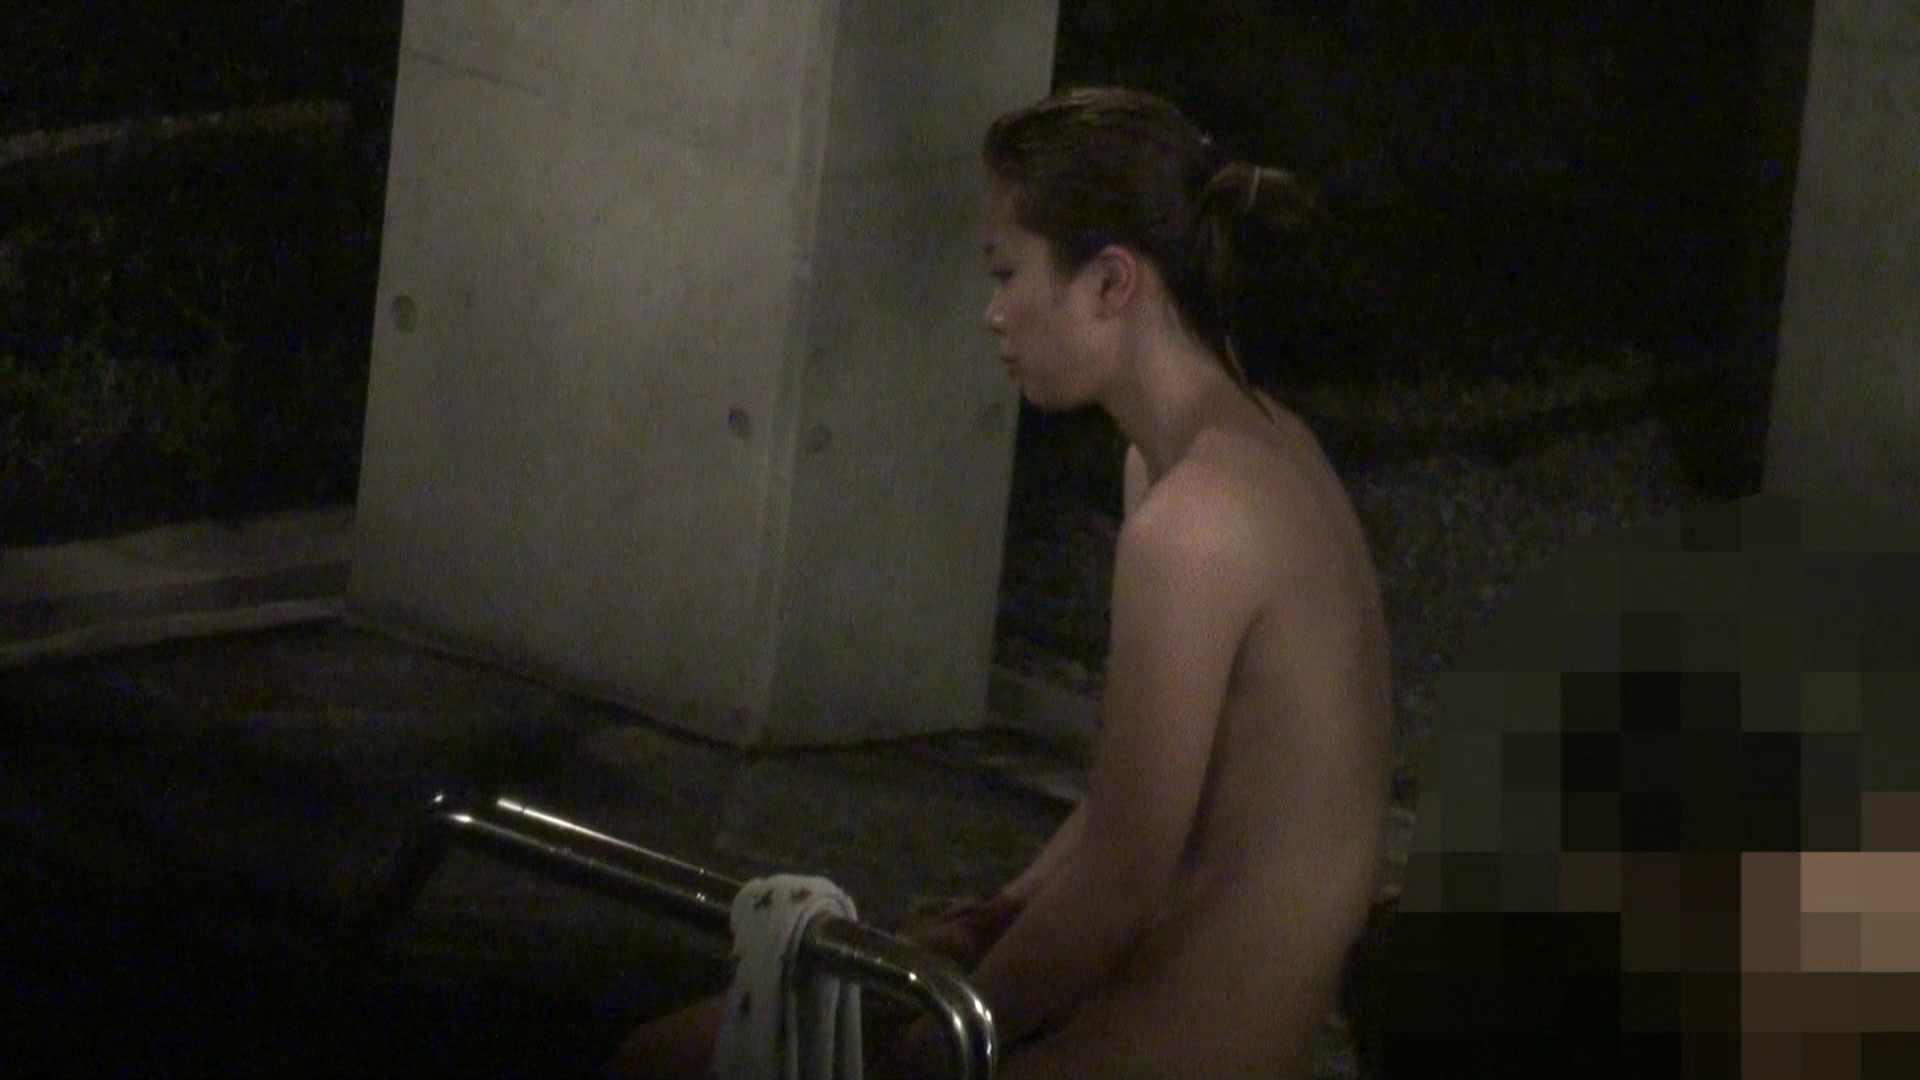 Aquaな露天風呂Vol.351 盗撮  75PICs 72